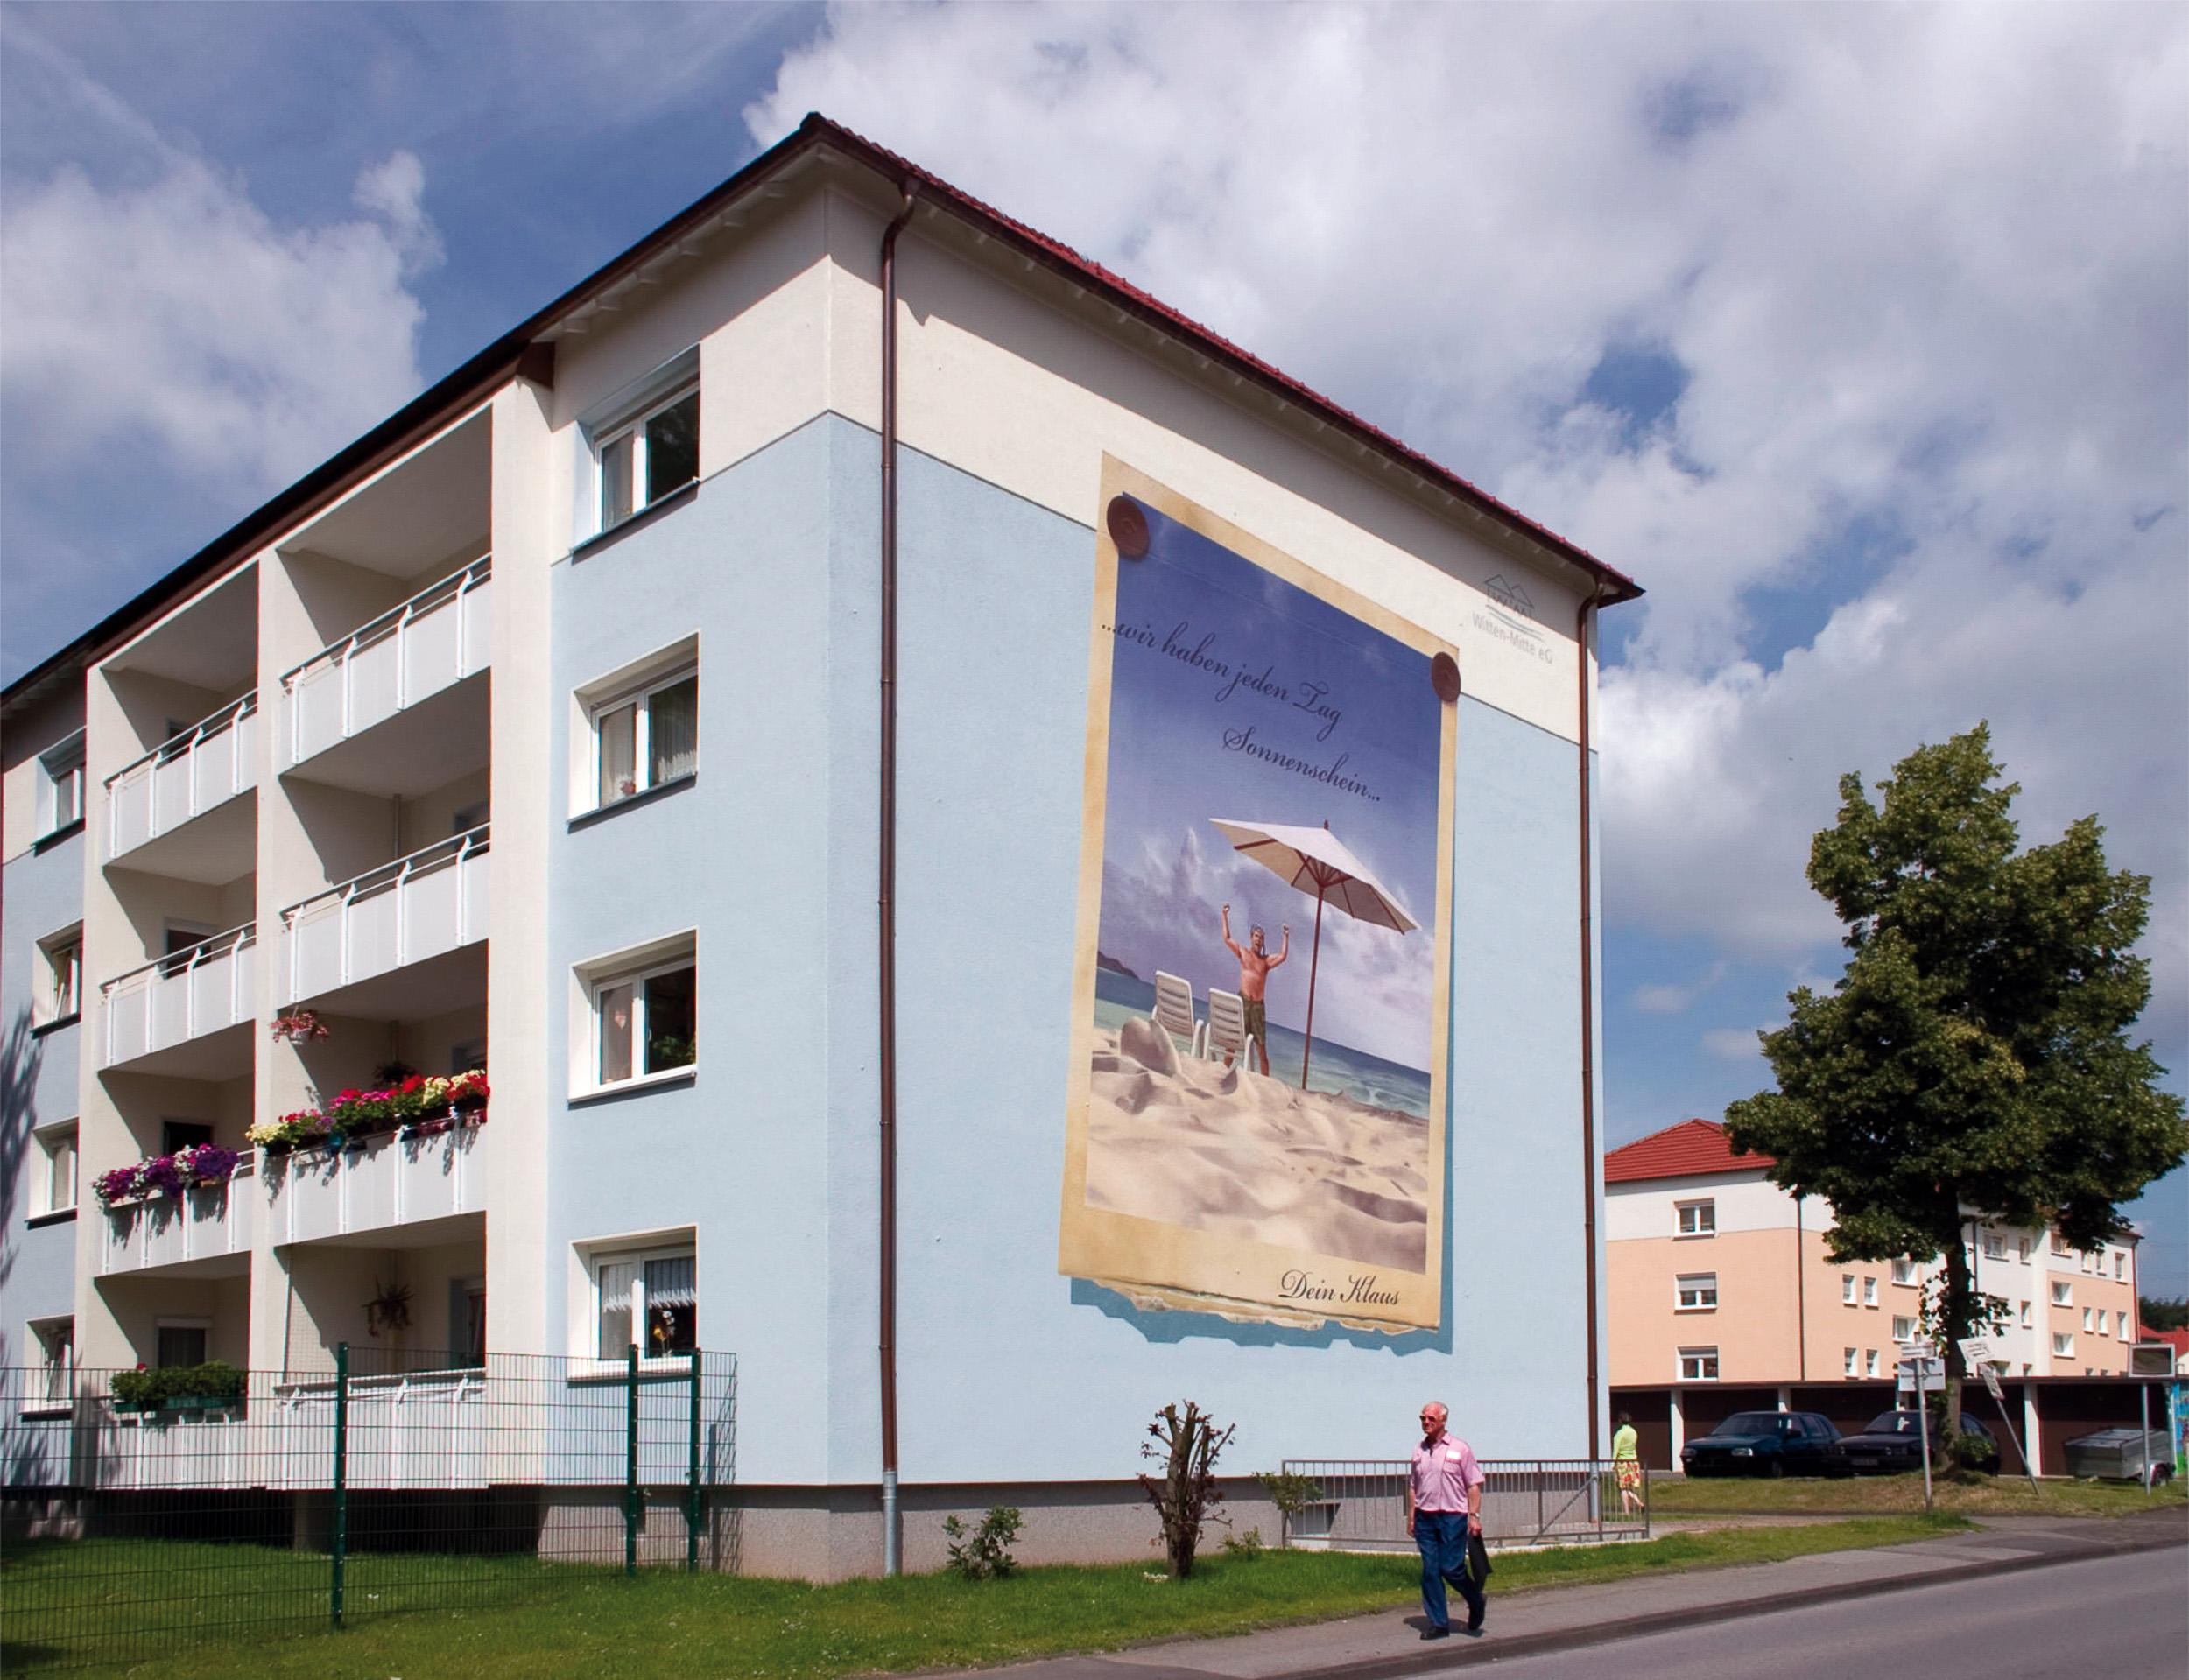 Fassadengestaltung-kein-graffiti-bild-motiv-sonnenschein-farbe.jpg